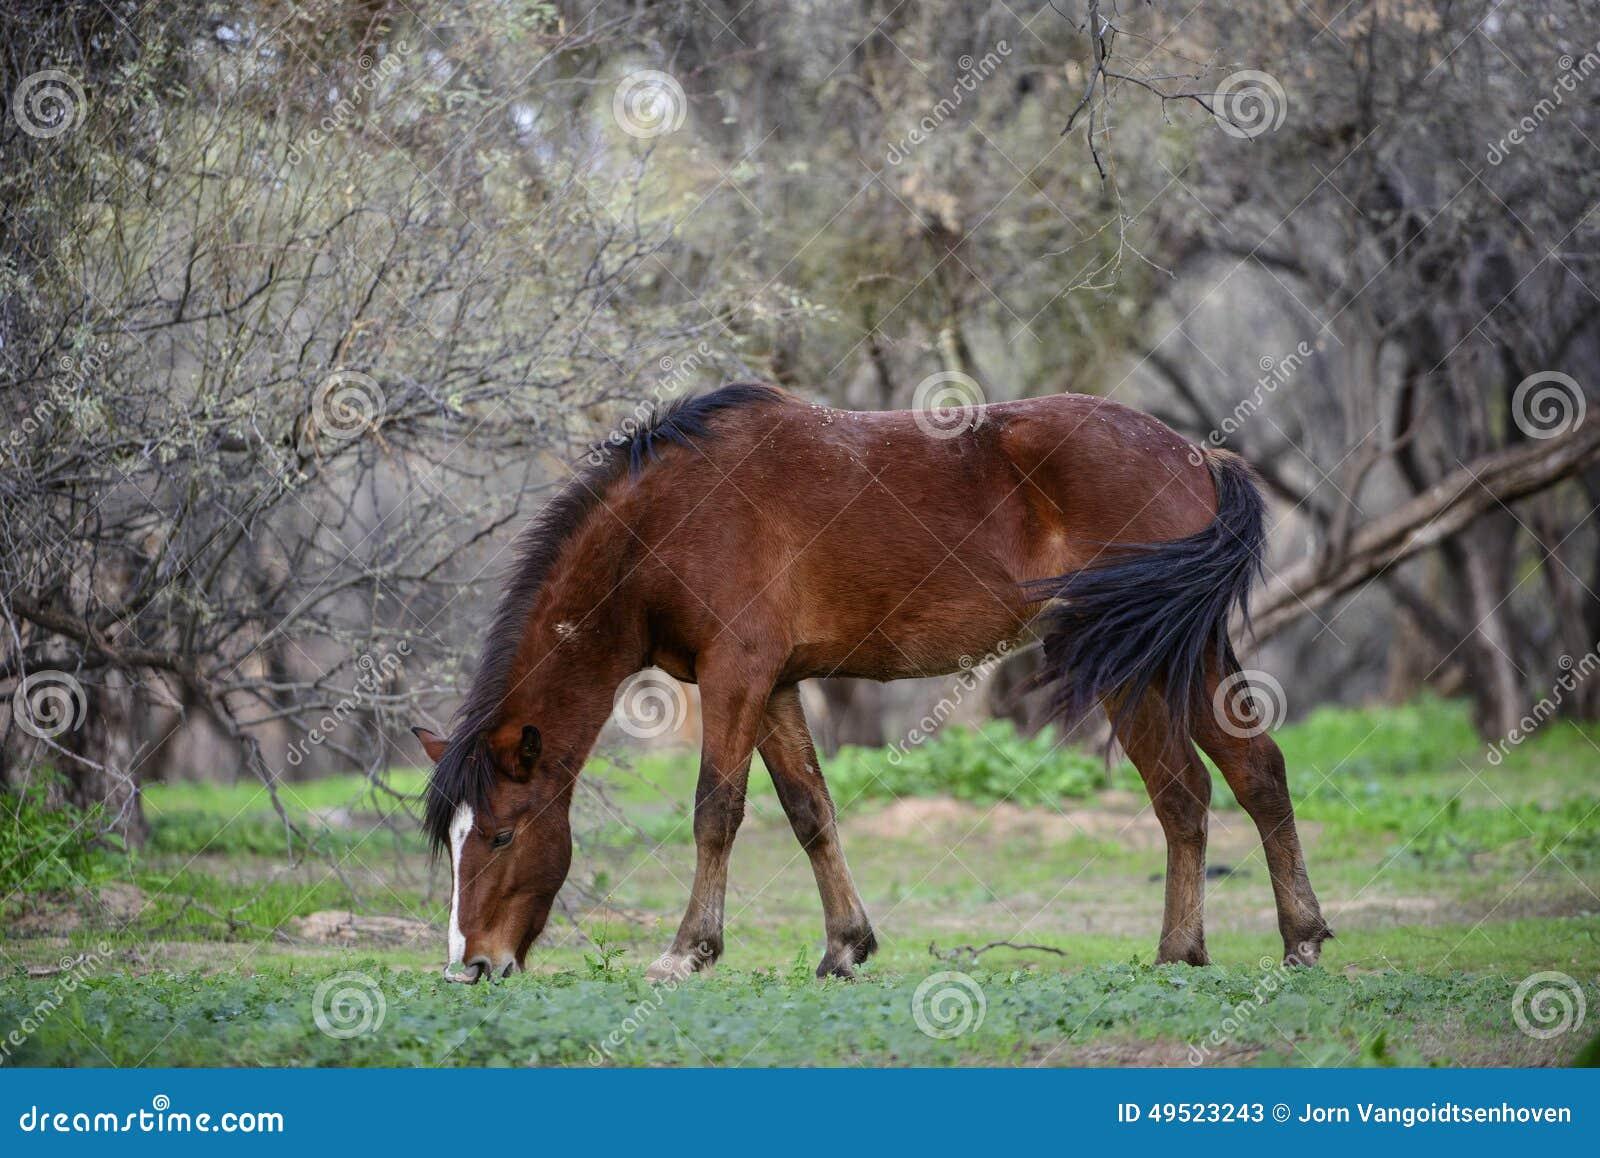 Salt河野马在森林里